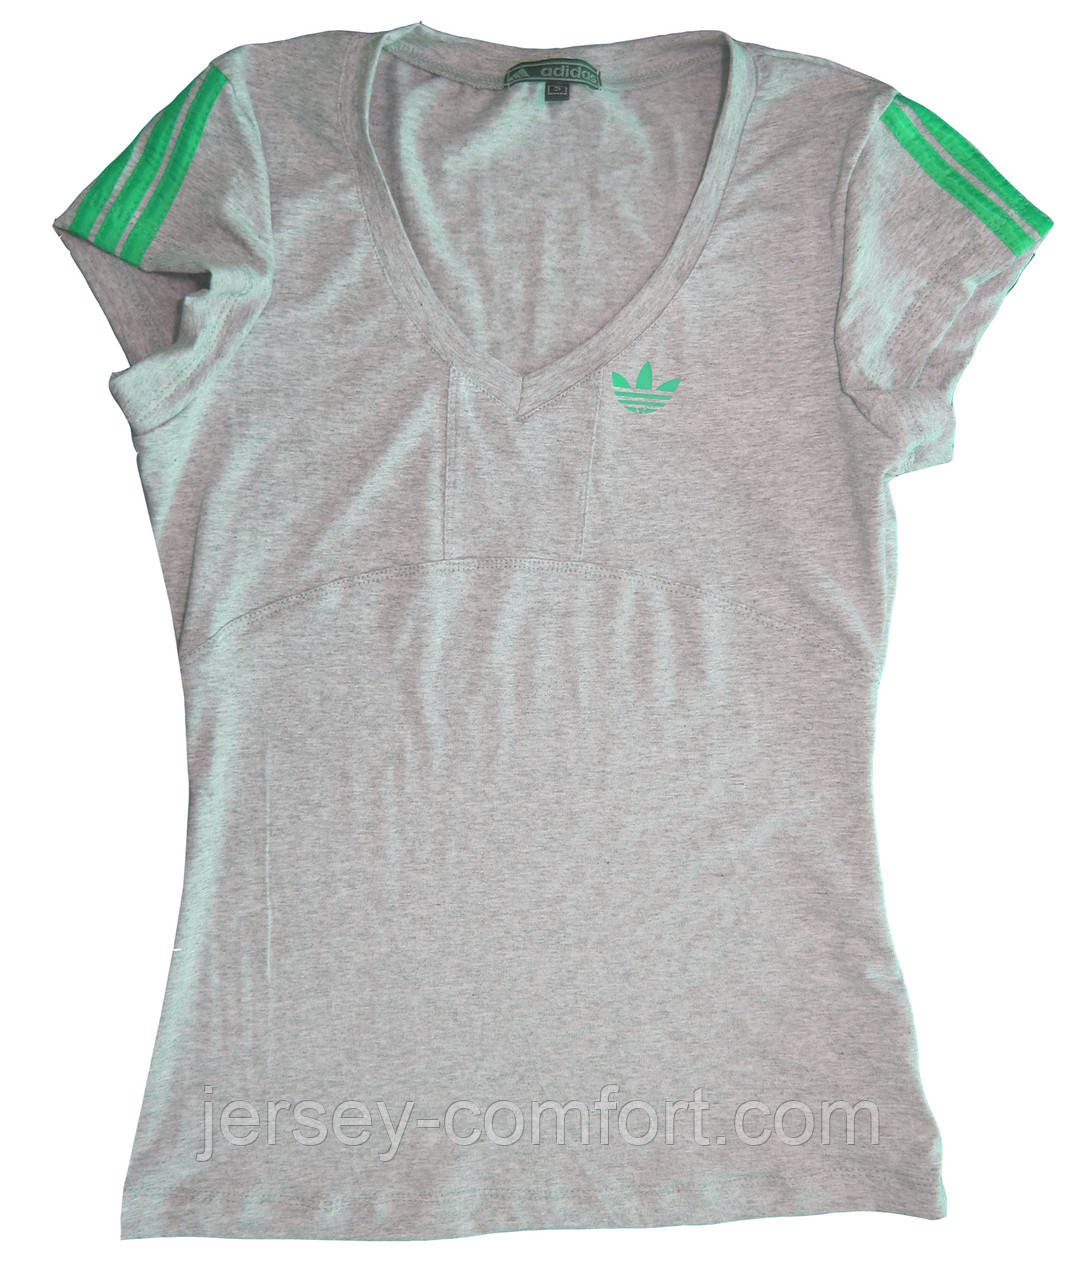 Футболка женская спортивная трикотаж. Зеленый лампас